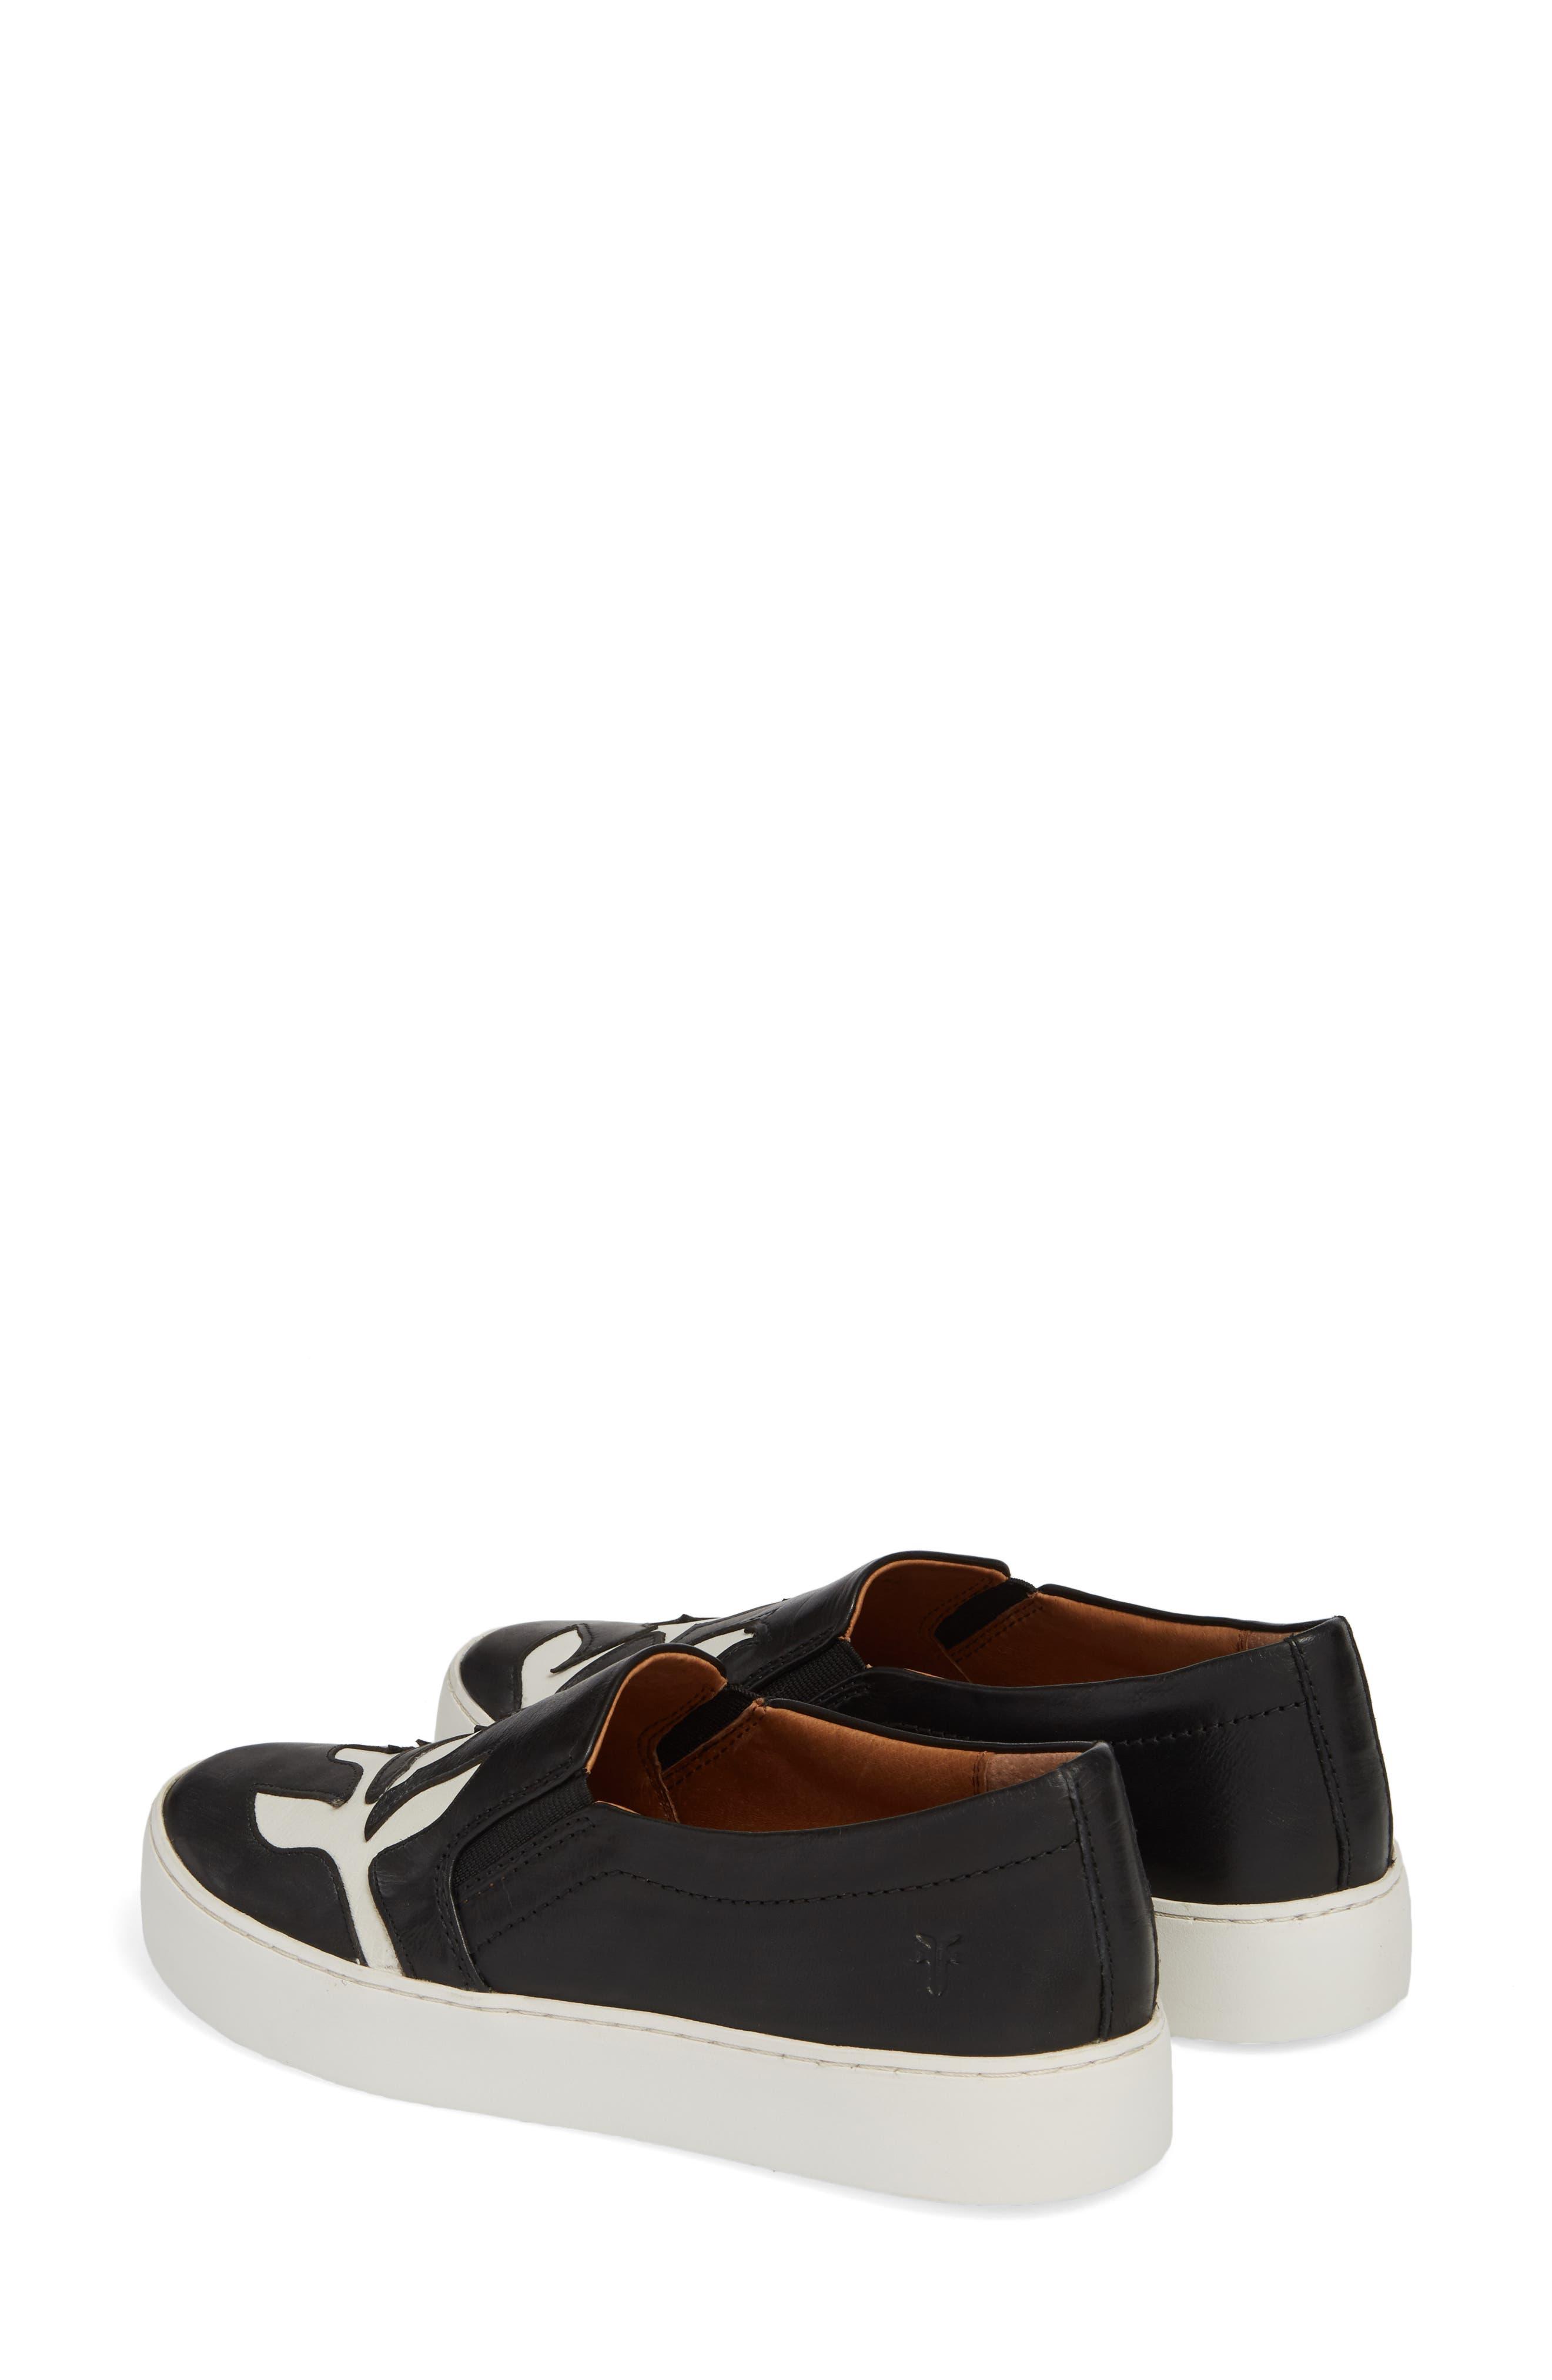 Lena Floral Slip-On Sneaker,                             Alternate thumbnail 5, color,